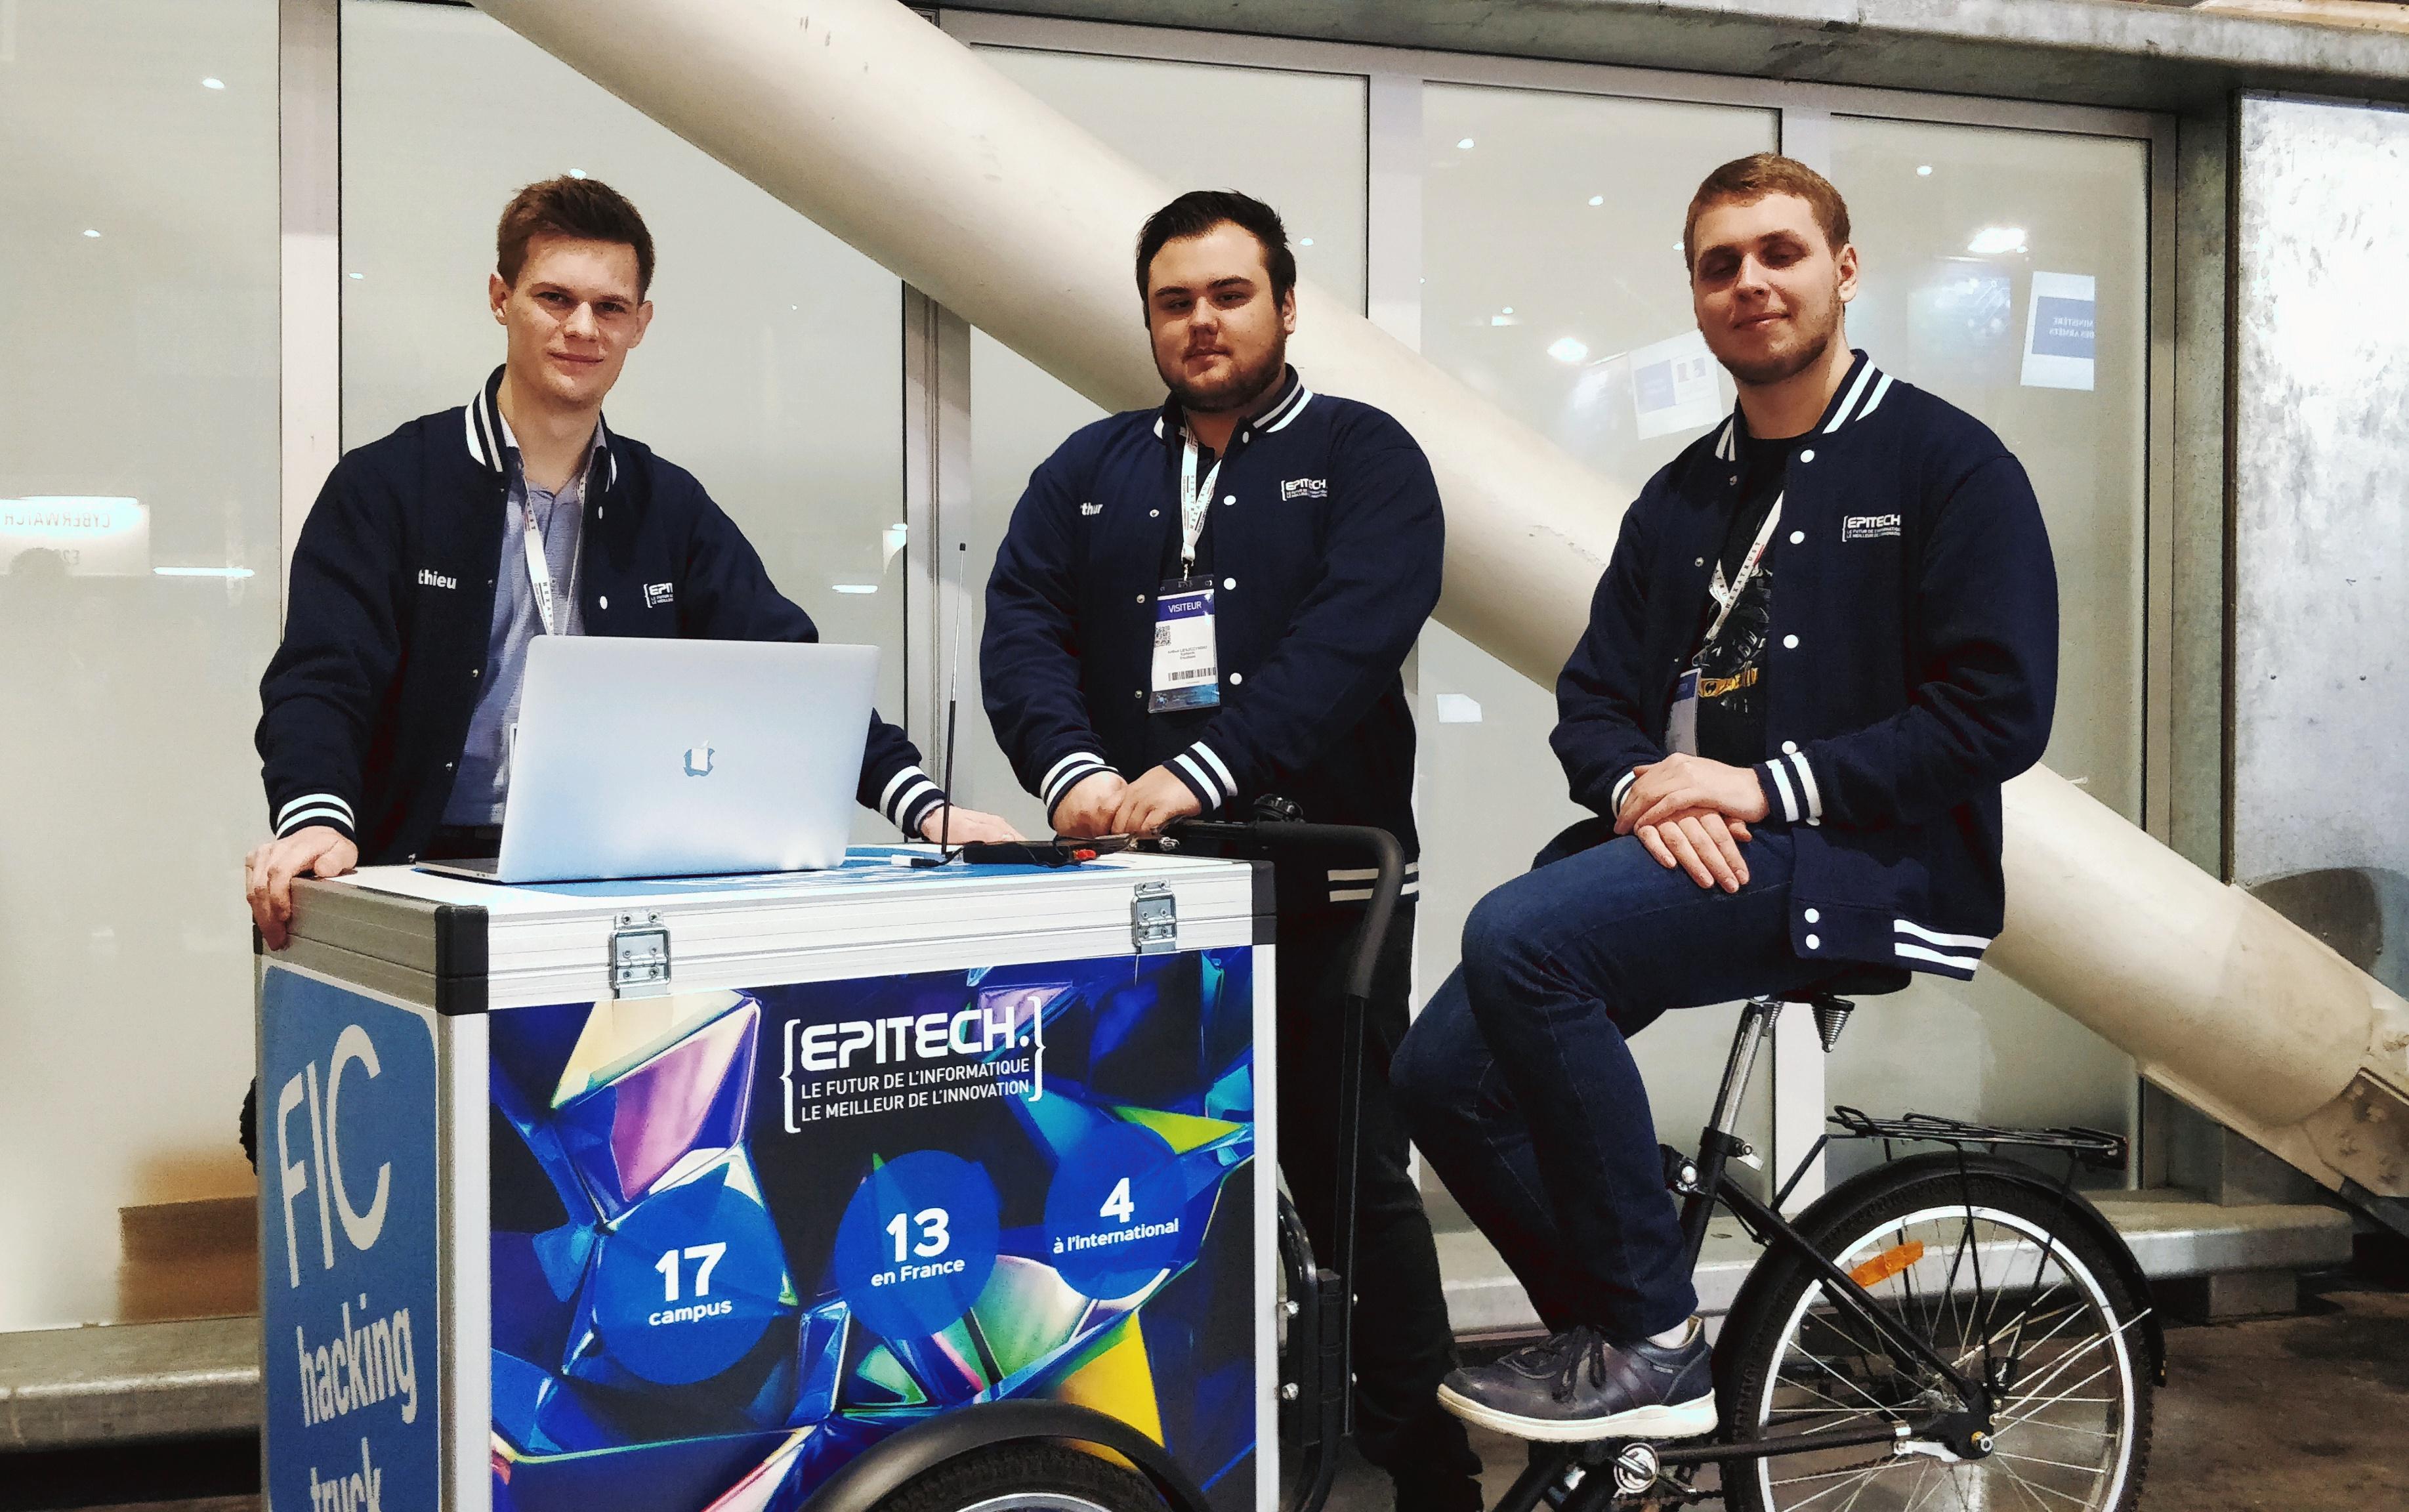 FIC Lille démo cybersécurité étudiant Epitech équipe